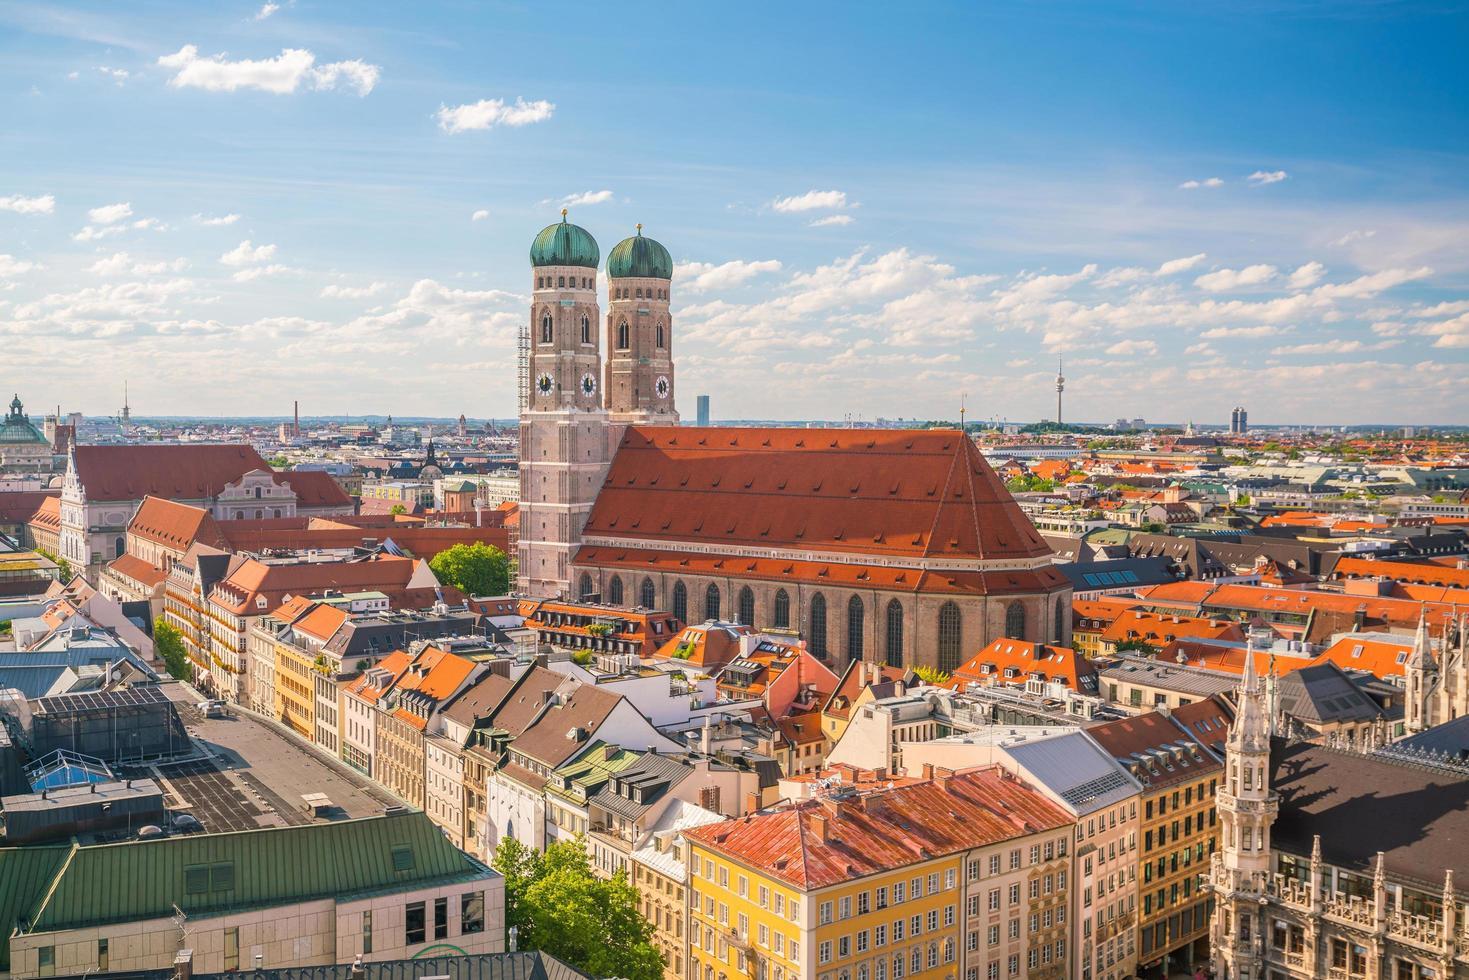 vista aérea del paisaje urbano de munich foto